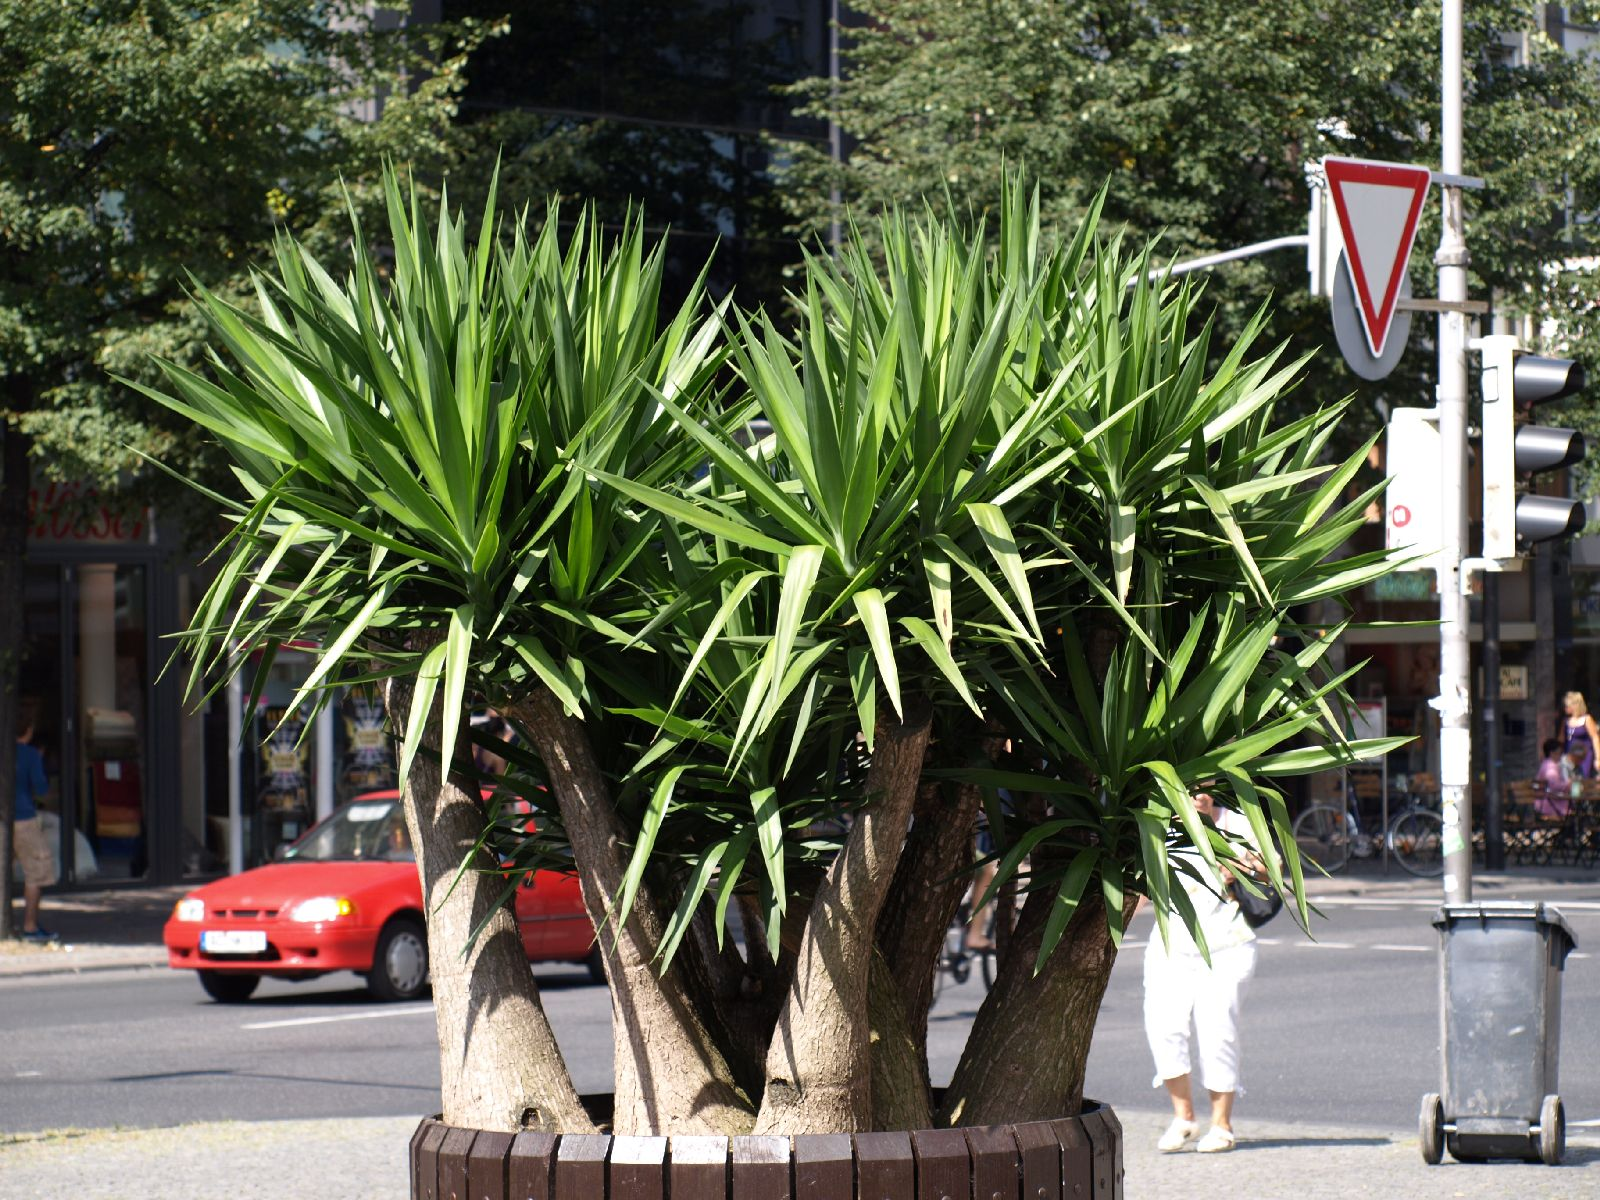 Pflanzen-Blumen-Foto_Textur_B_P8229152